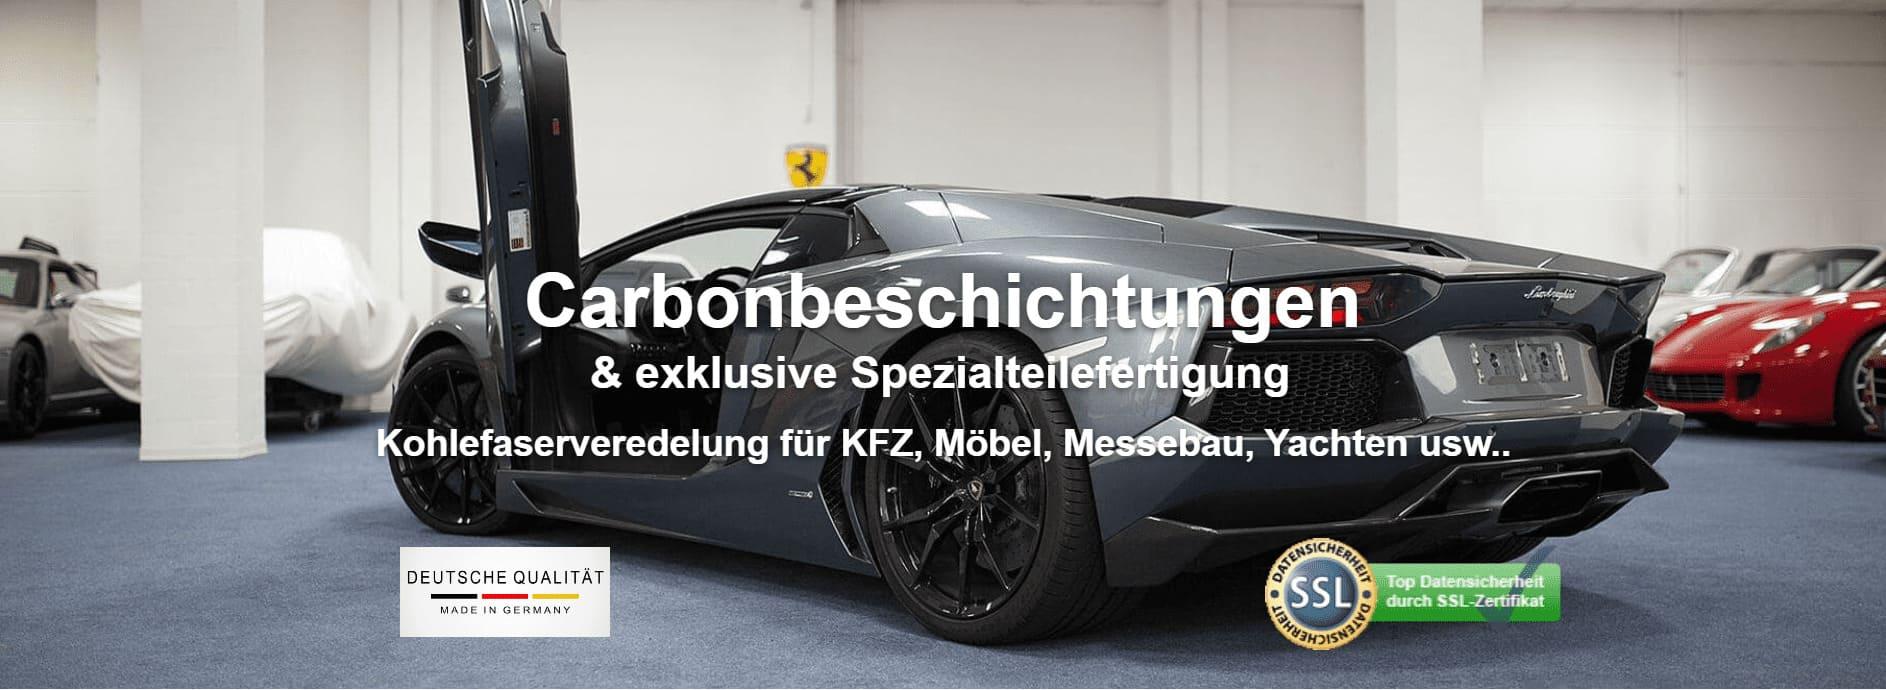 Carbon-Auoteile-kaufen-bestellen (1)